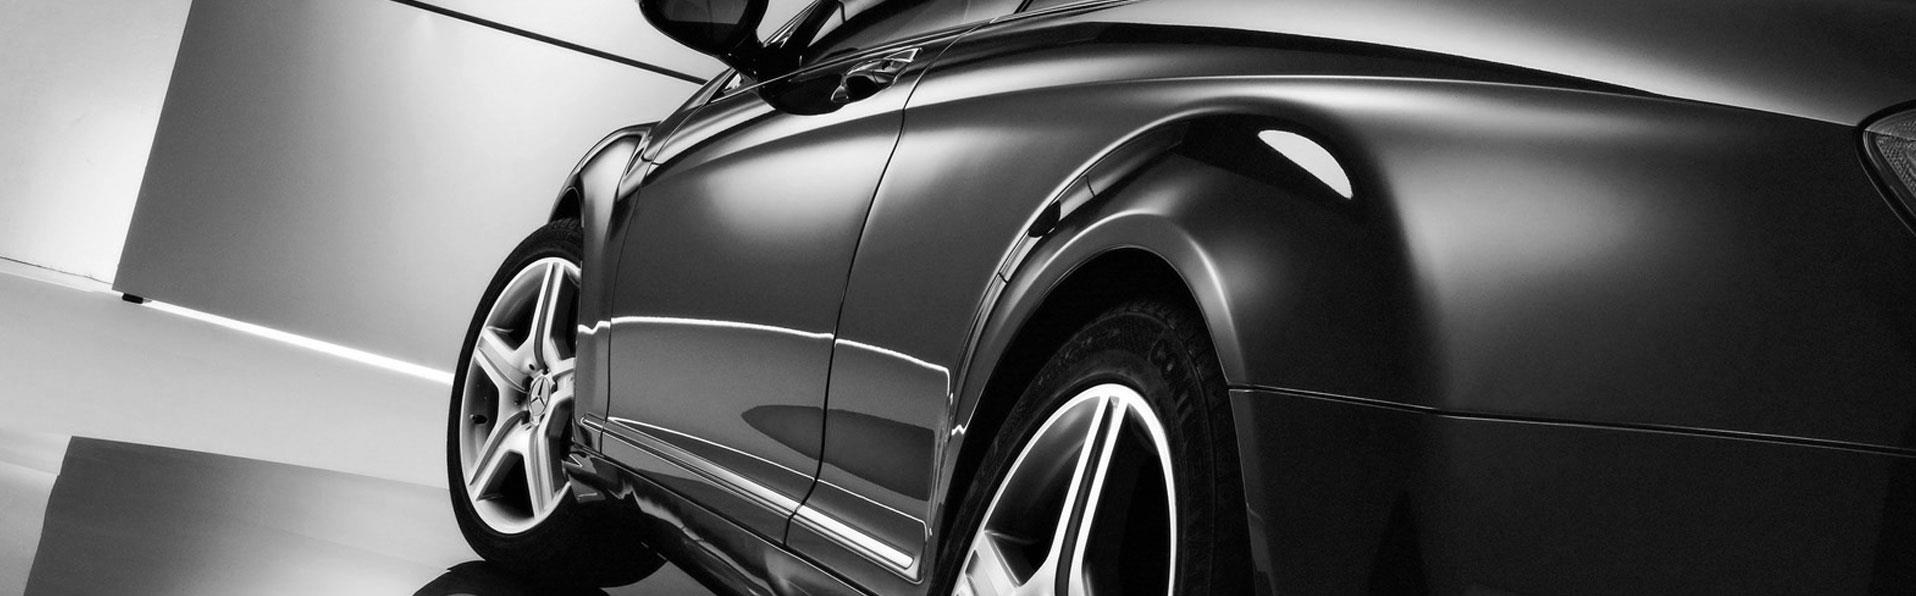 Platinum Used Cars >> Used Cars Mount Prospect Il Used Cars Trucks Il Platinum Auto